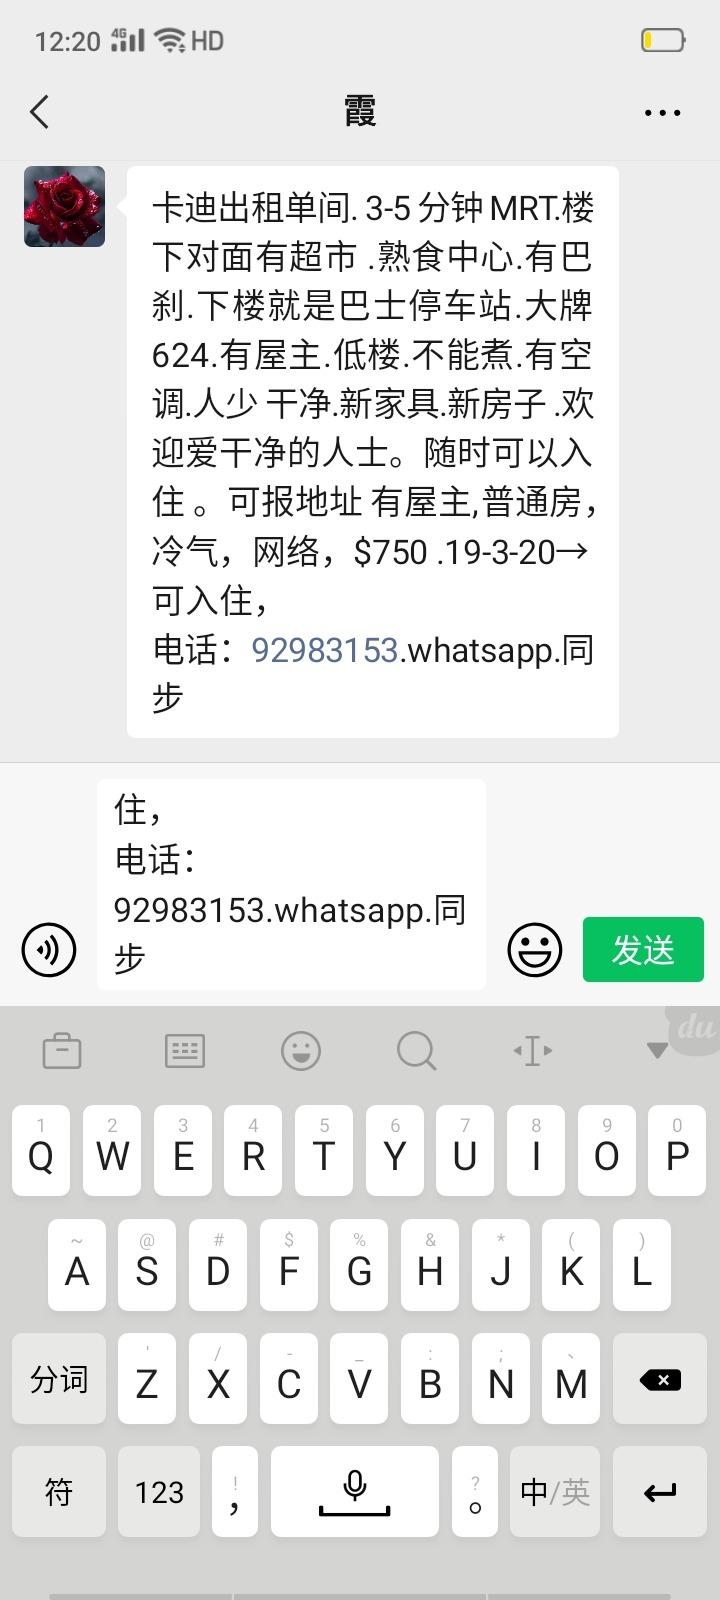 Screenshot_2021-04-08-12-20-59-34.jpg